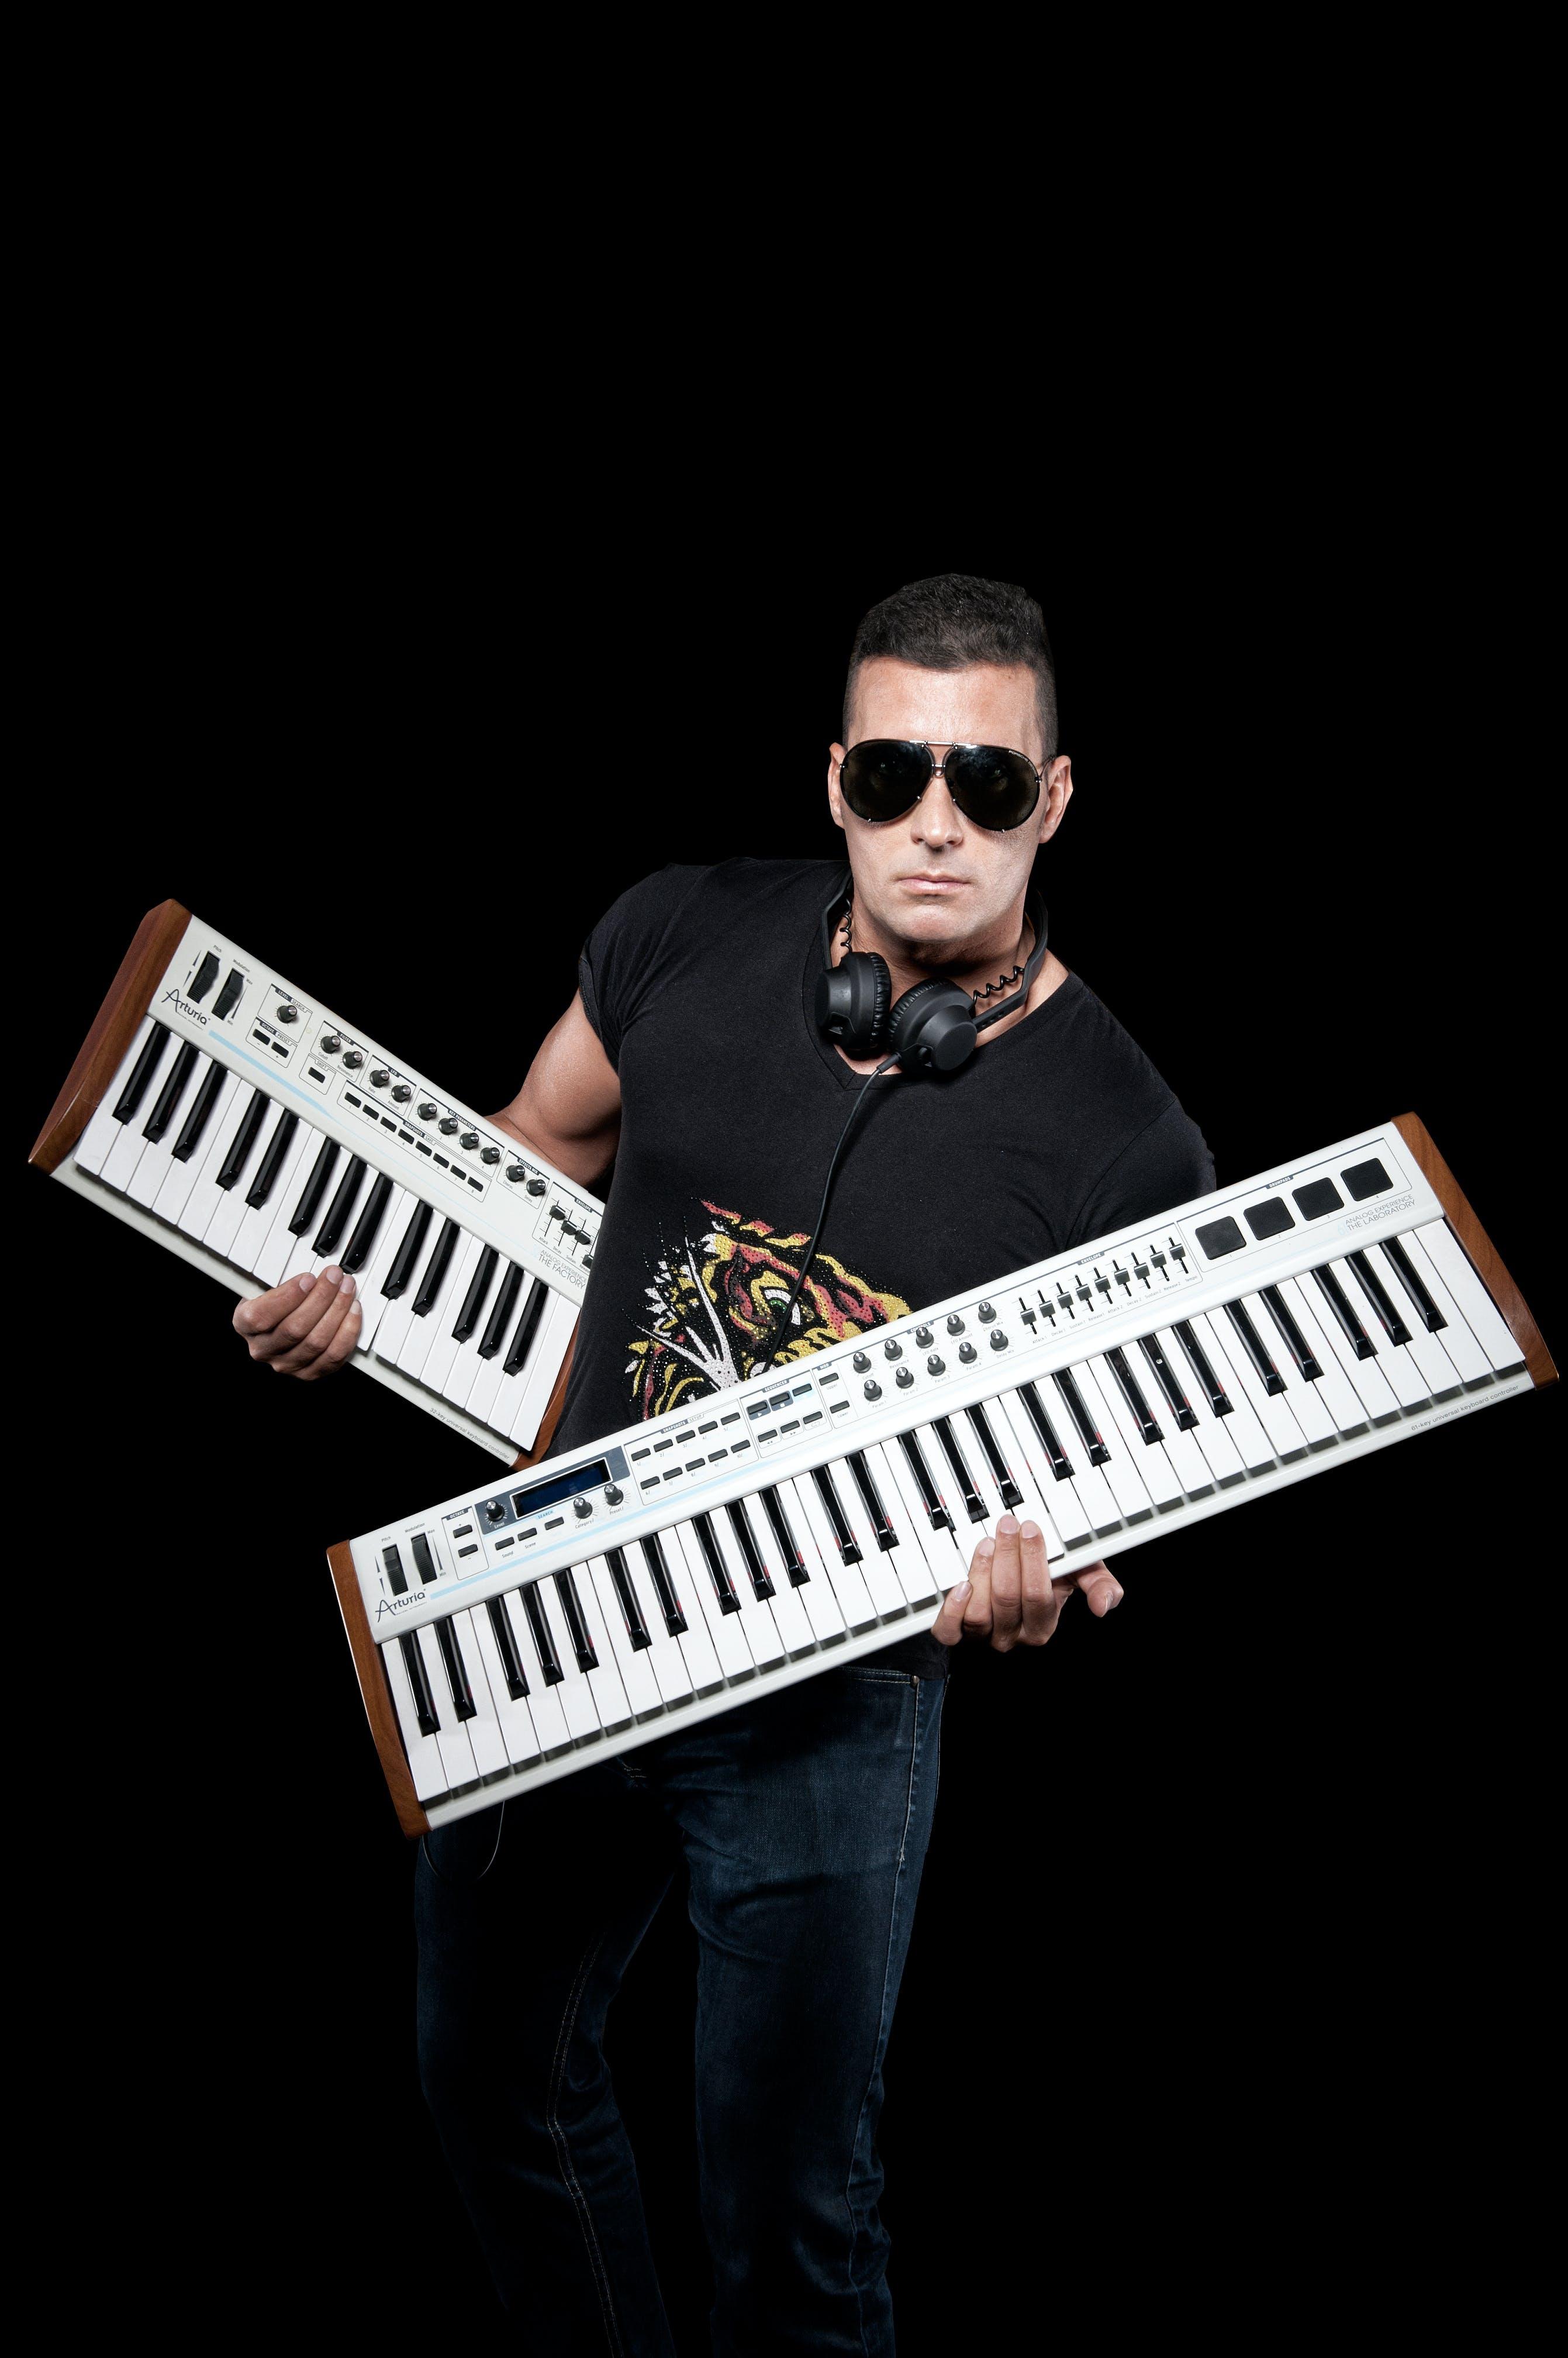 Man Wearing Black Crew-neck Shirt Holding White Keyboards